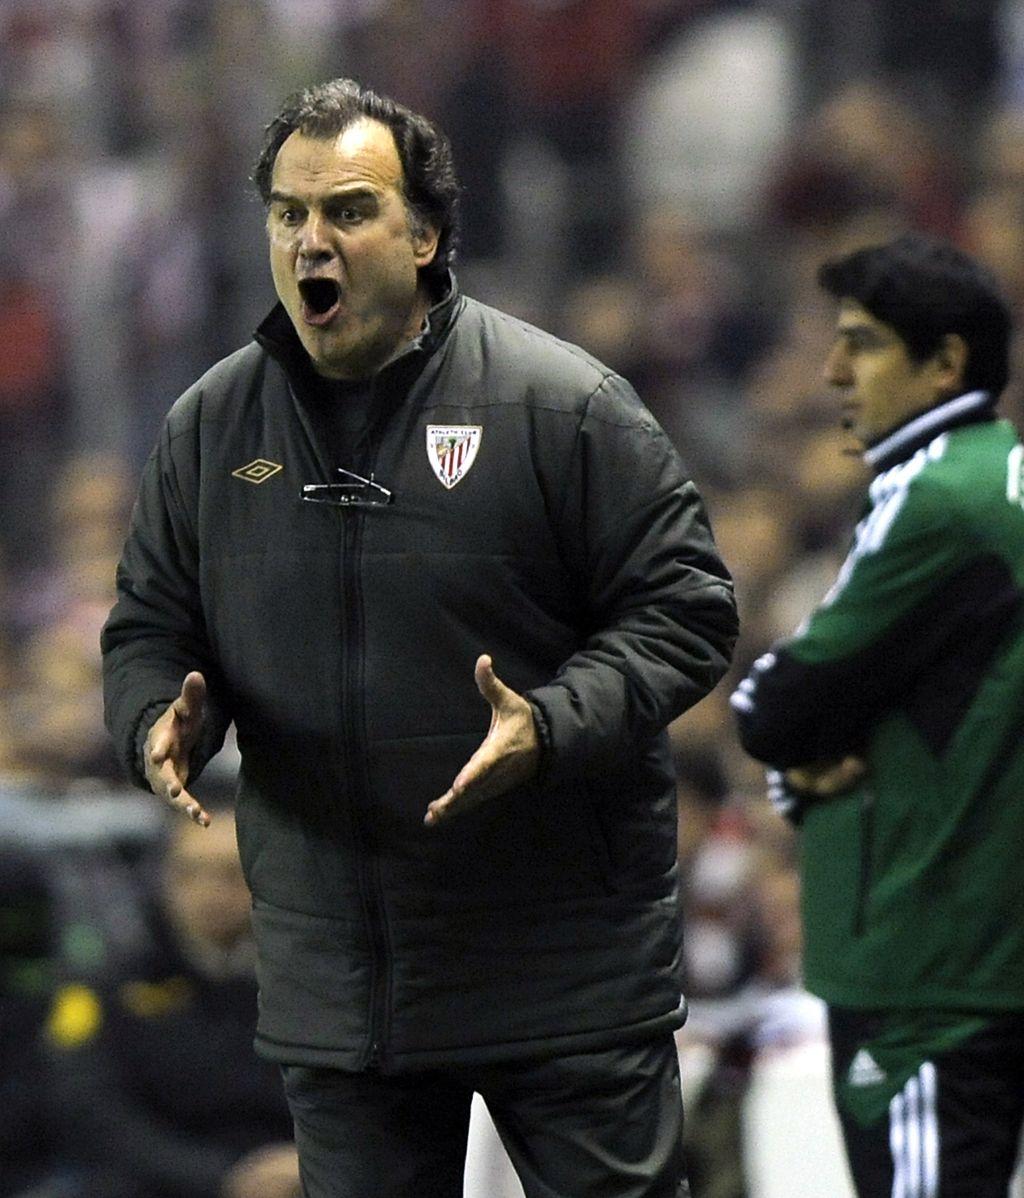 El entrenador del Athletic Club dando indicaciones a sus pupilos durante el partido de vuelta de los octavos de la Europa League ante el Manchester United